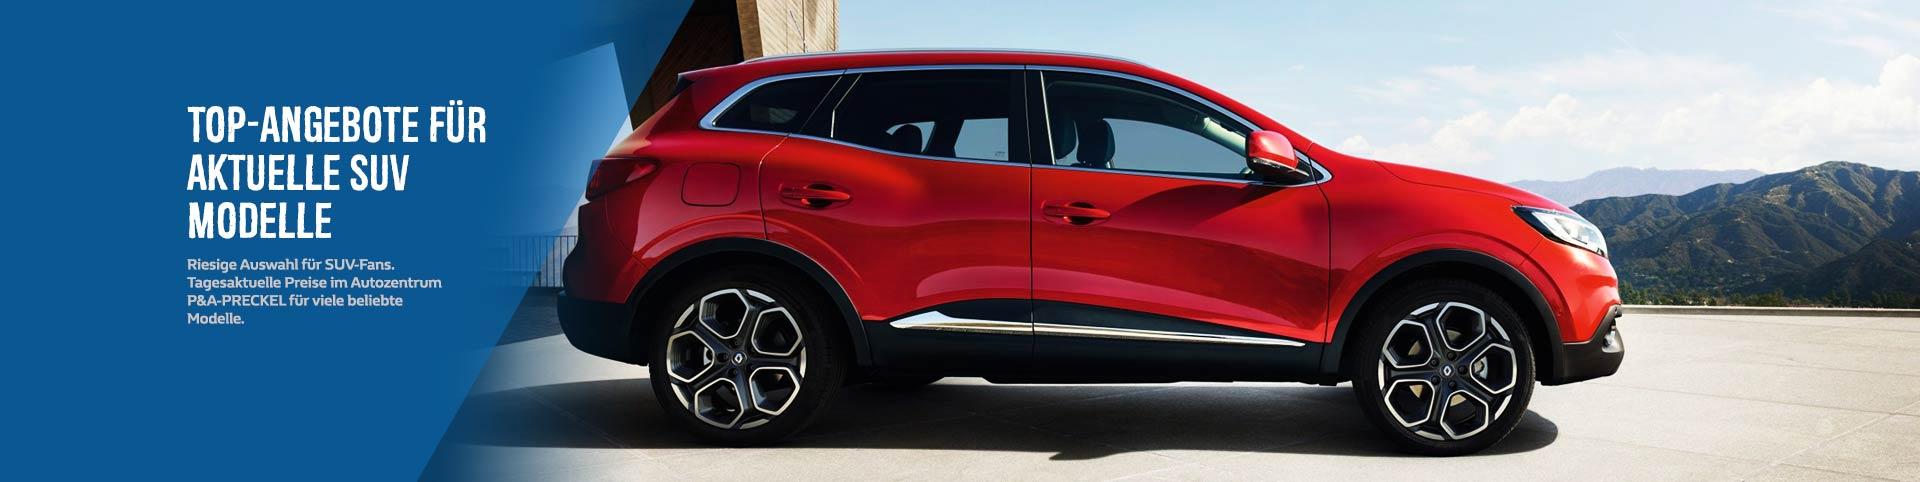 SUV Modelle: Angebote und Preise